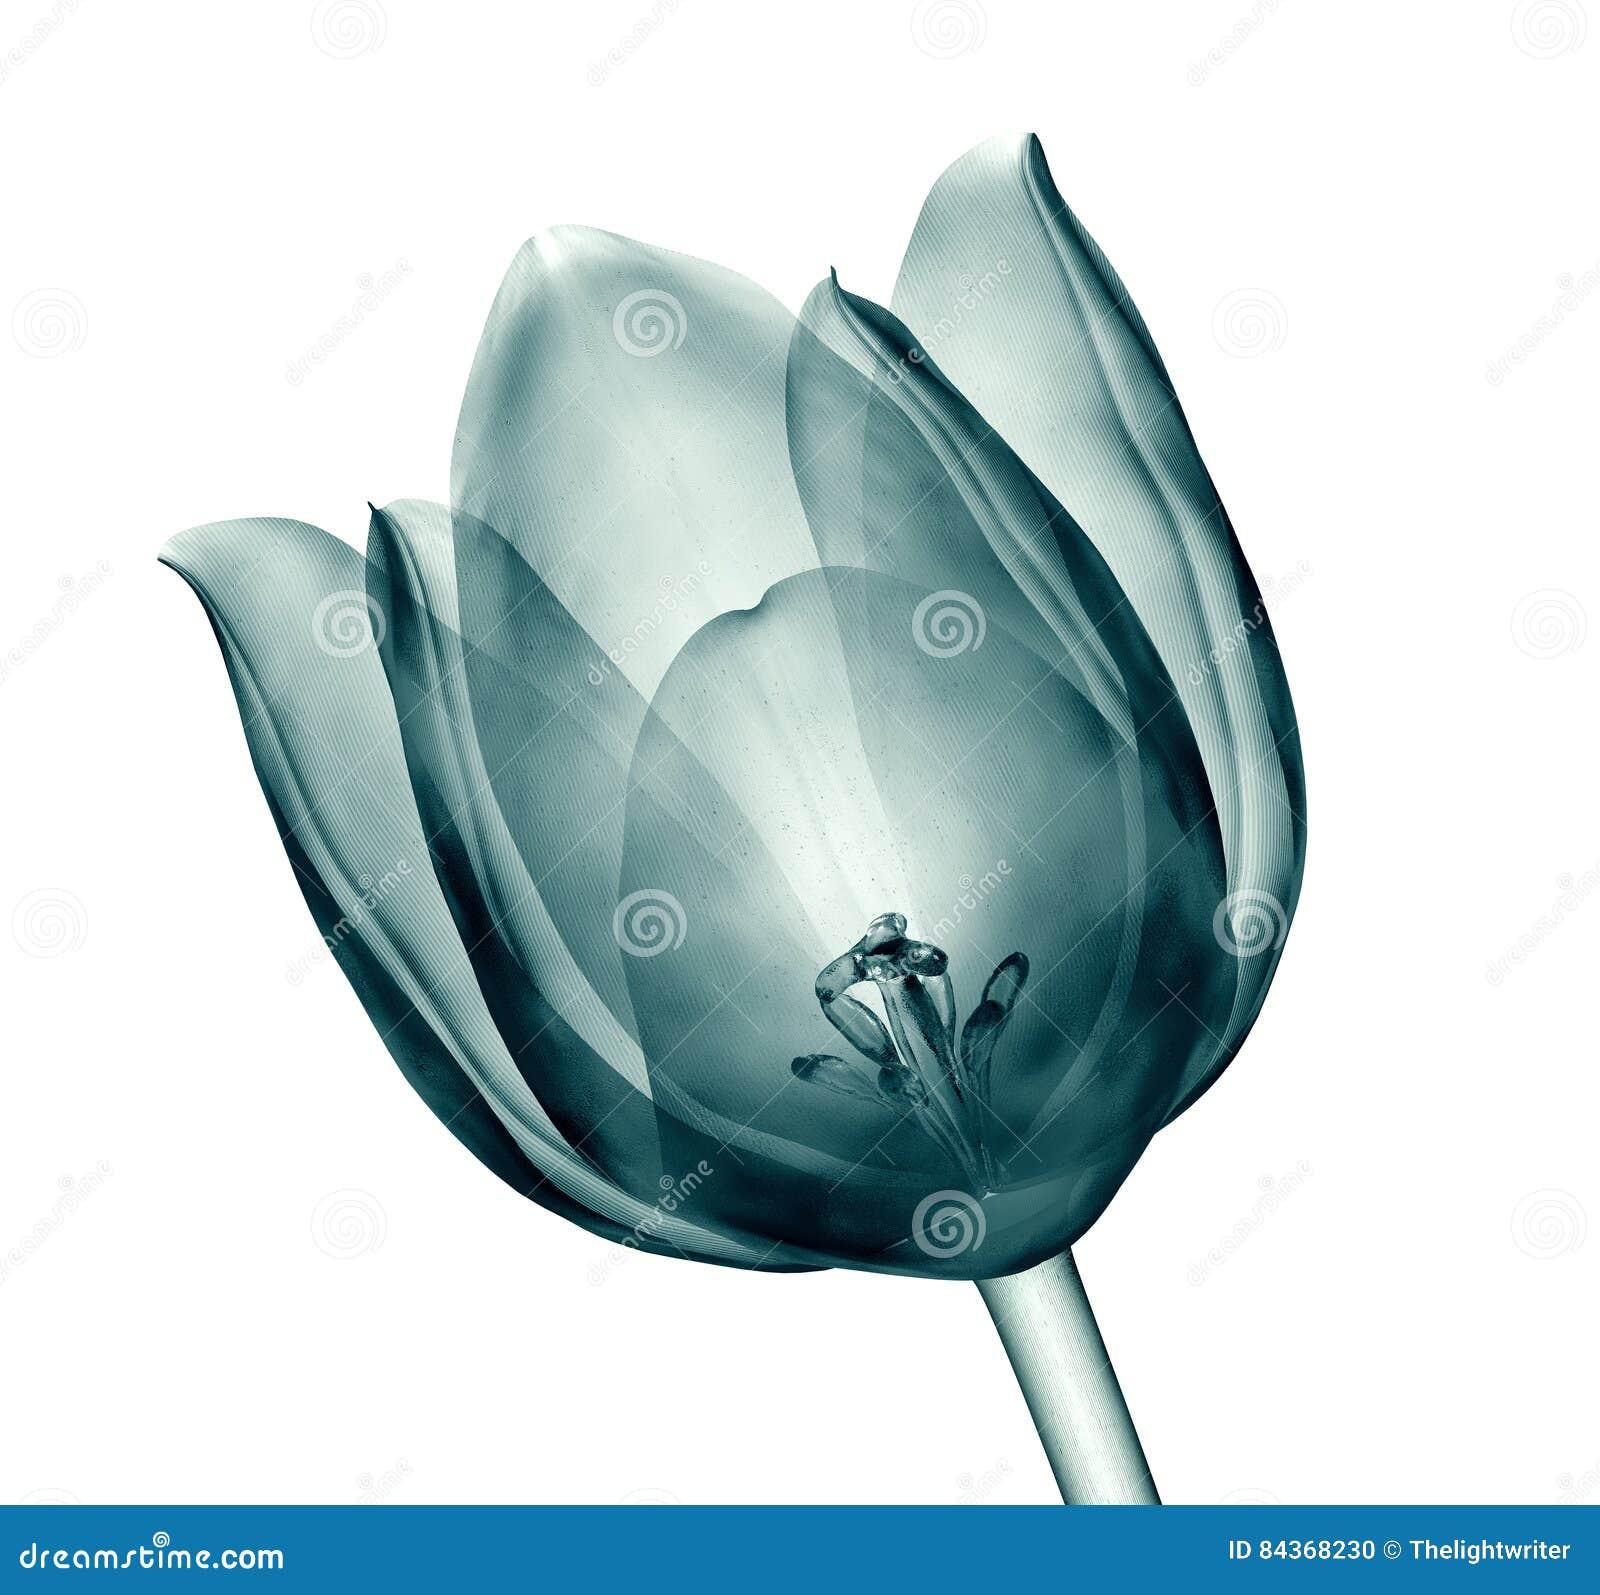 Röntgenbild einer Blume lokalisiert auf Weiß, die Tulpe